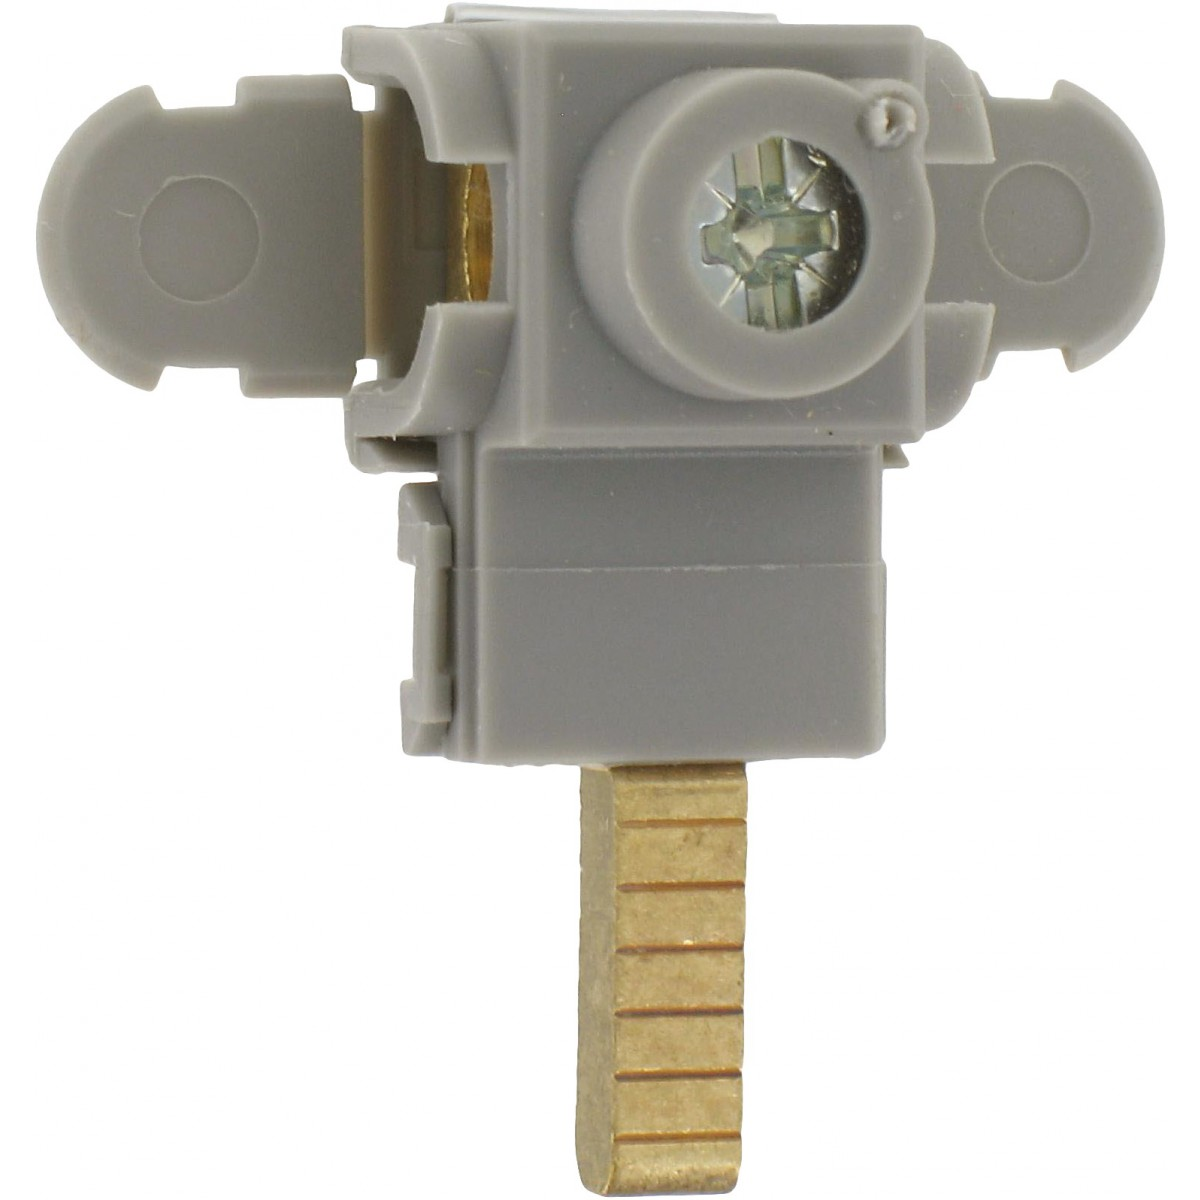 Borne d'arrivée pour câble Legrand - Section 4 à 25 mm²